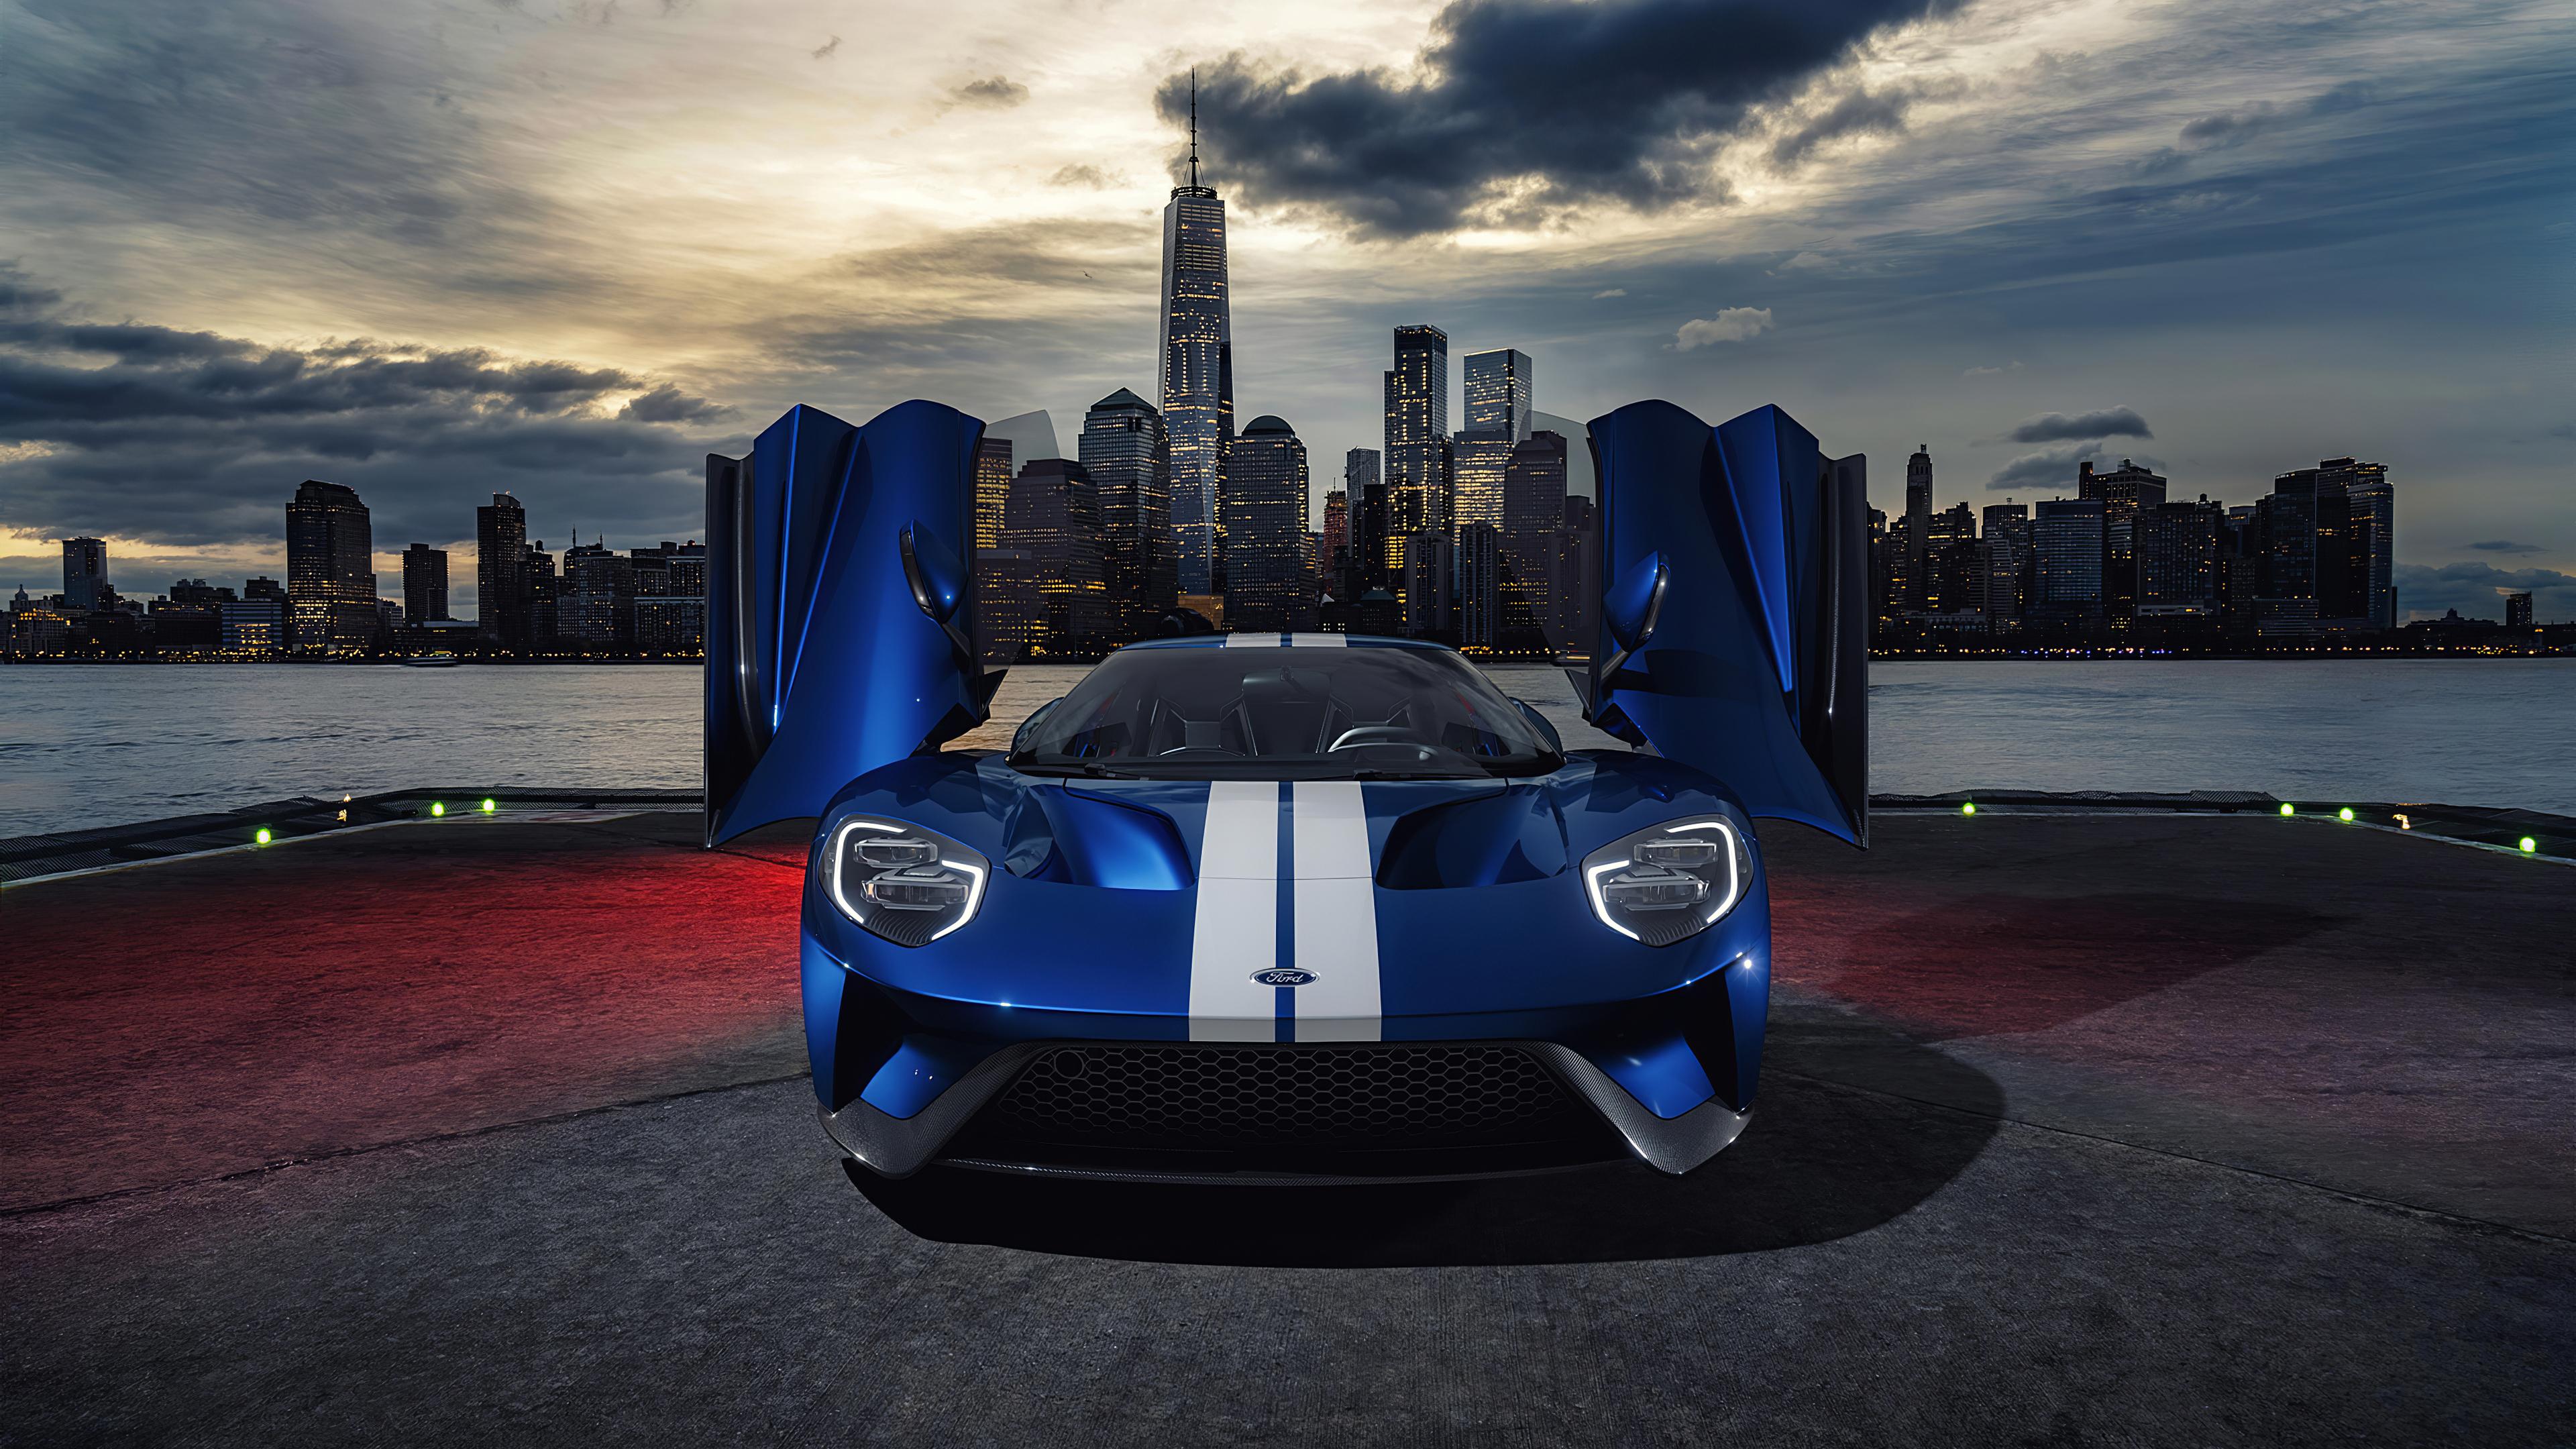 ford-gt-2020-car-jw.jpg